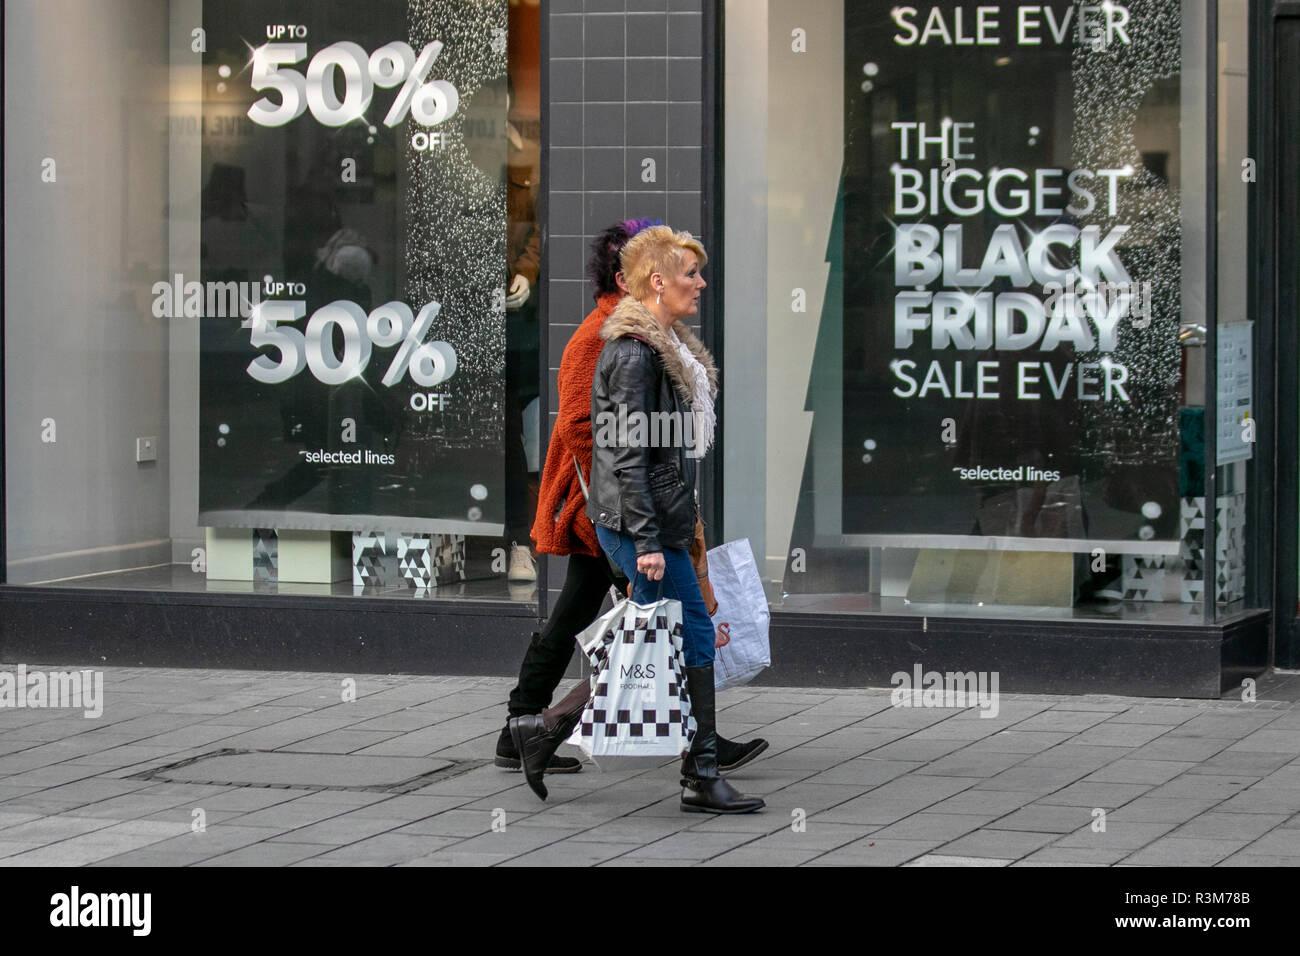 Female On Left Stockfotos & Female On Left Bilder - Seite 3 - Alamy